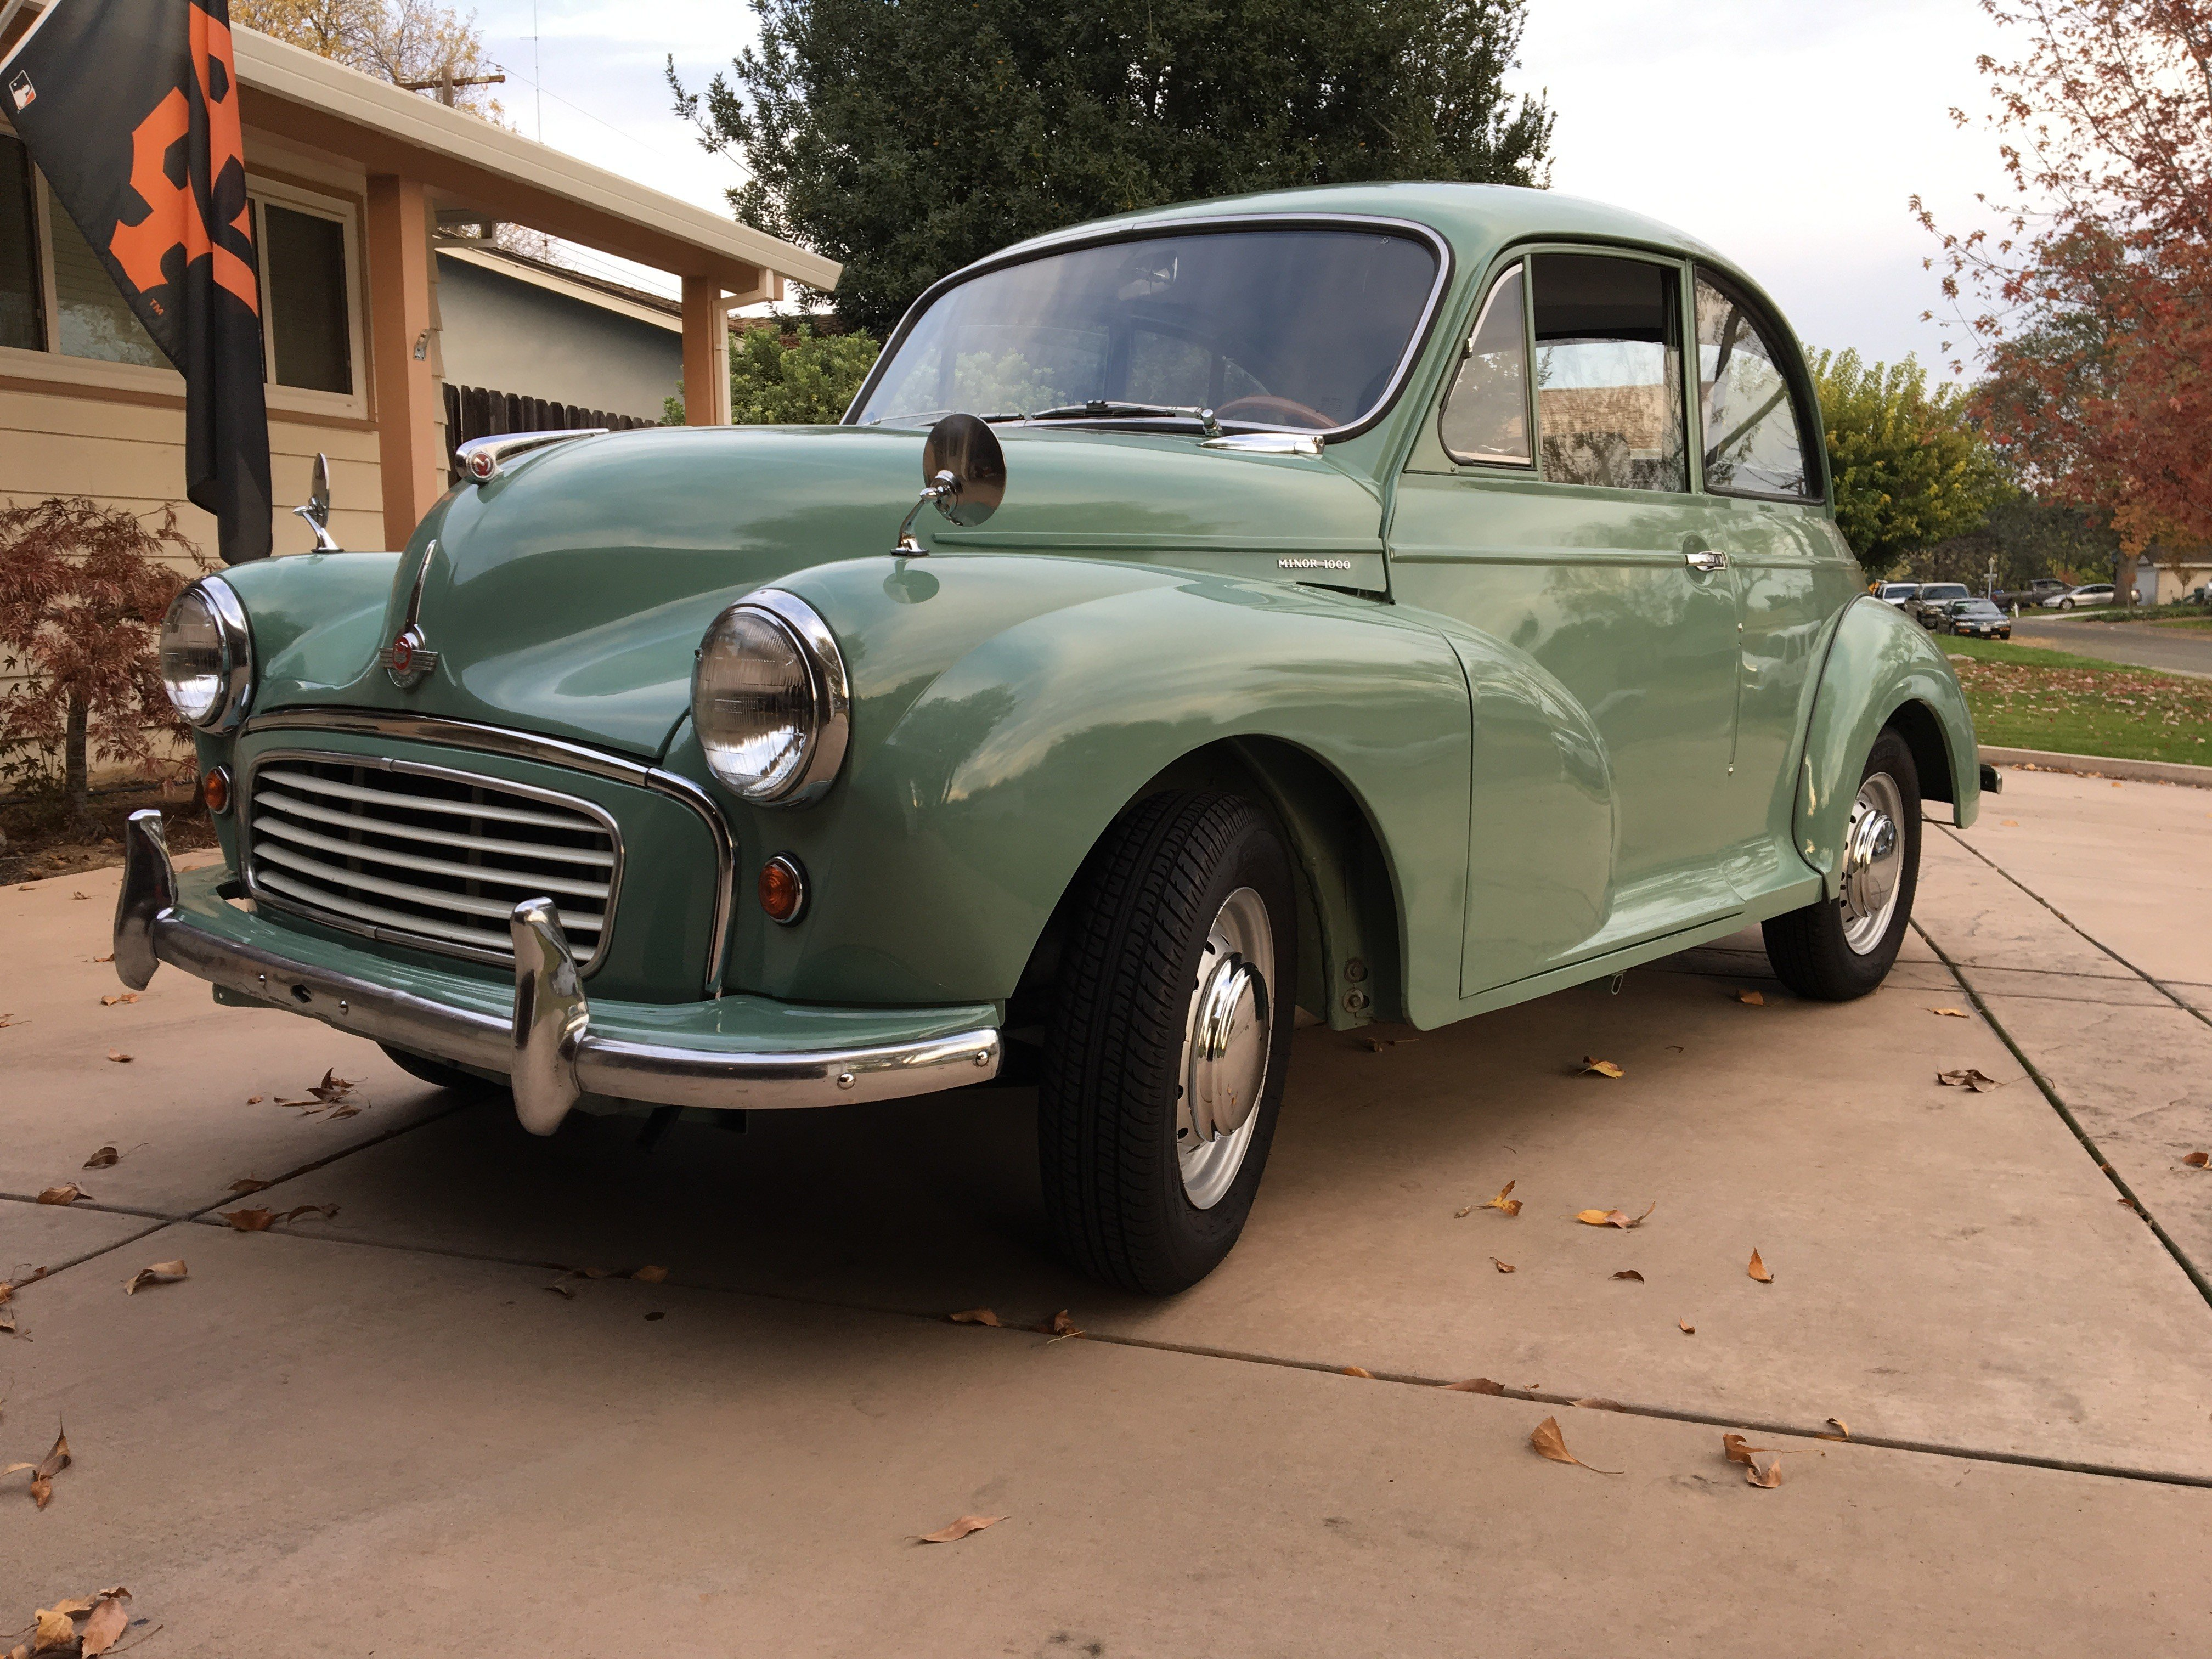 1958 Morris Minor Import Classics Car 100830942 622f7d1d6dc2a63de2e48b1fefd208cd?w=1280&h=720&r=thumbnail&s=1 1958 morris minor for sale near sacramento, california 95841 morris minor wiring harness at reclaimingppi.co